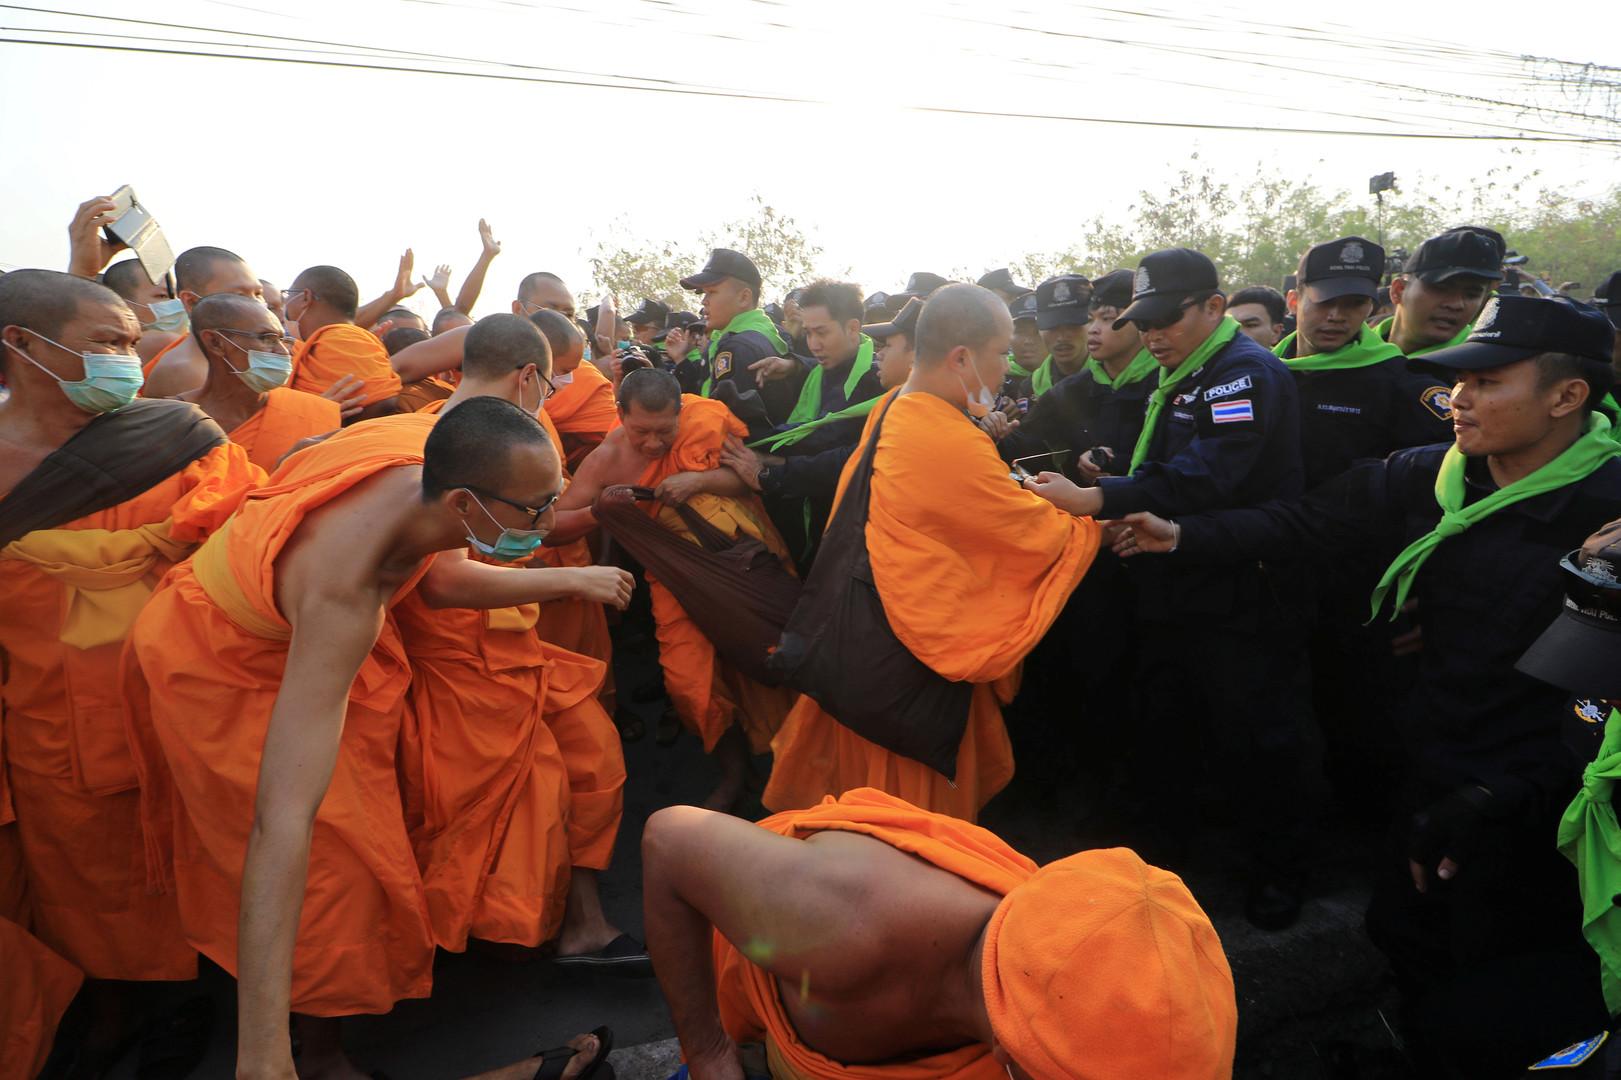 In der Auseinandersetzung zwischen der Polizei und den Mönchen wurde eine 54 Jahre alte Frau verletzt. Sie ist versehentlich in das Handgemenge geraten.